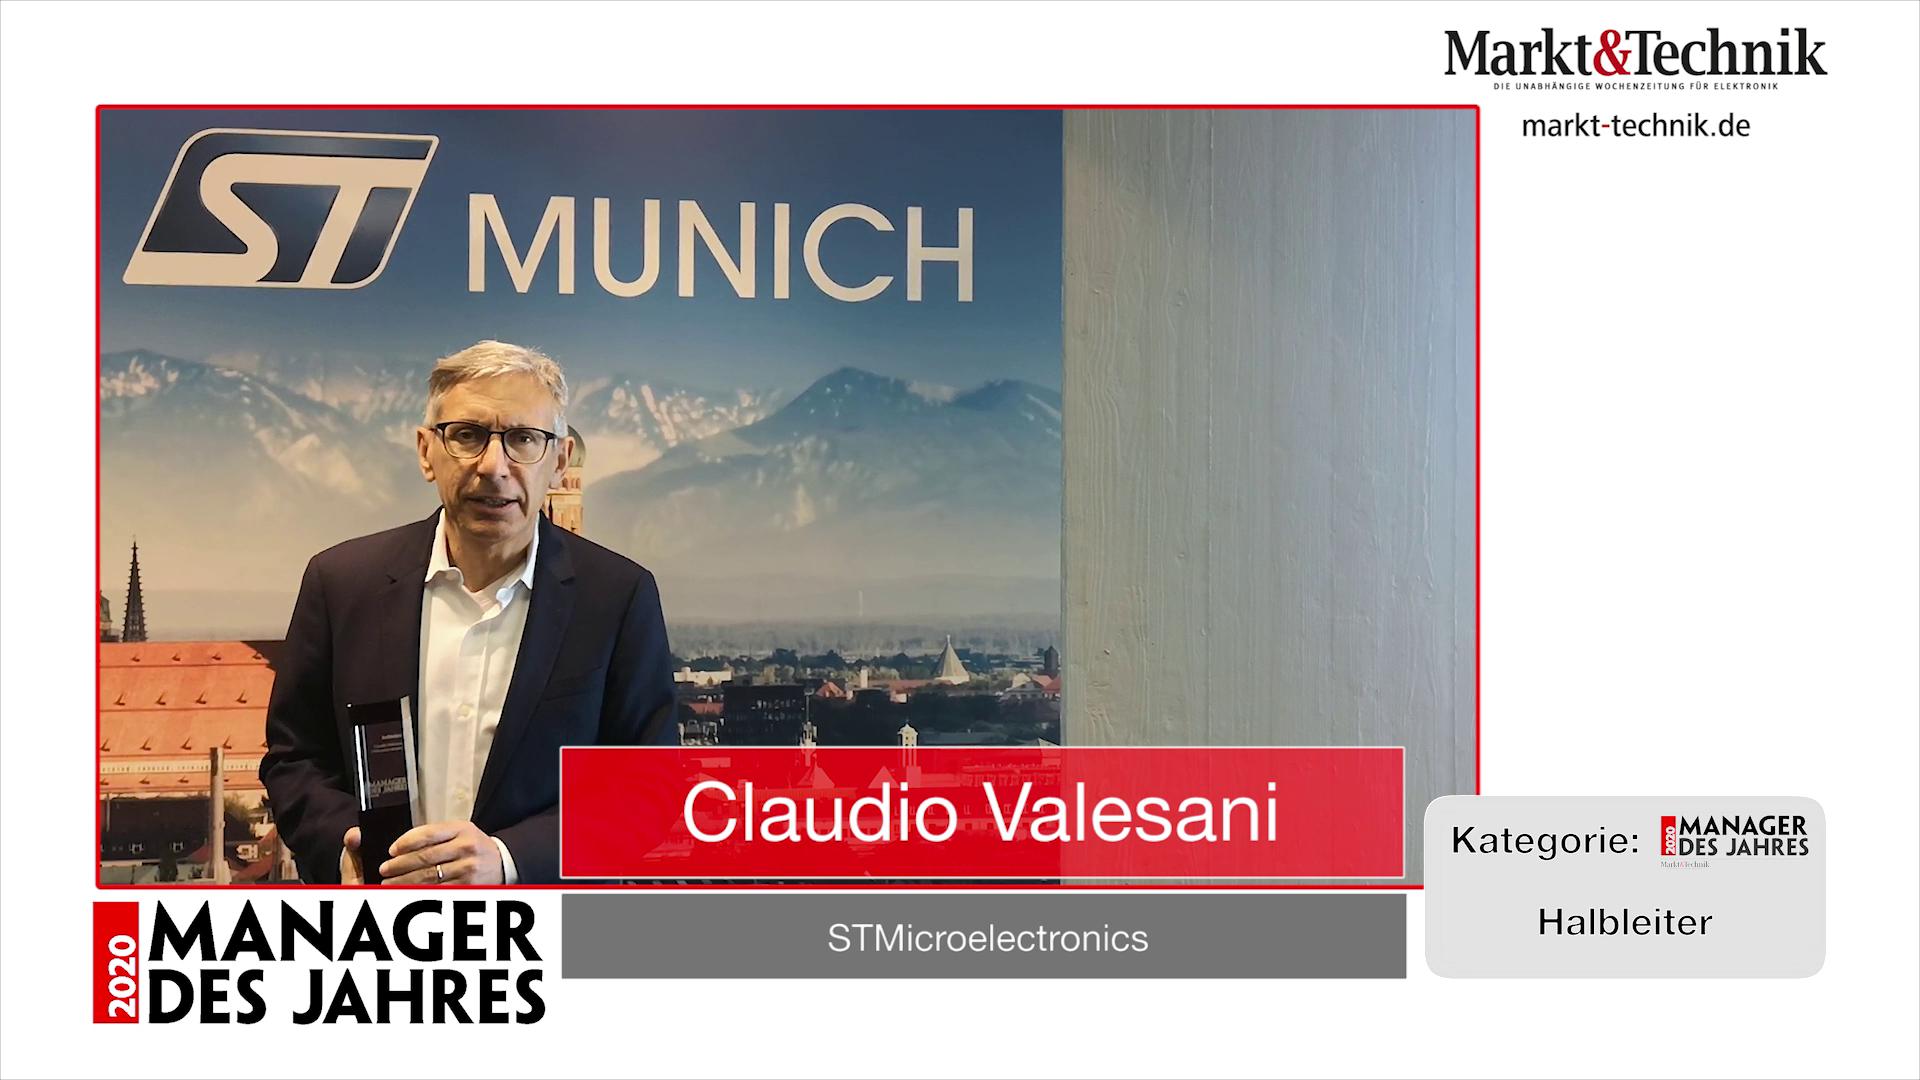 »Manager des Jahres 2020«: Claudio Valesani